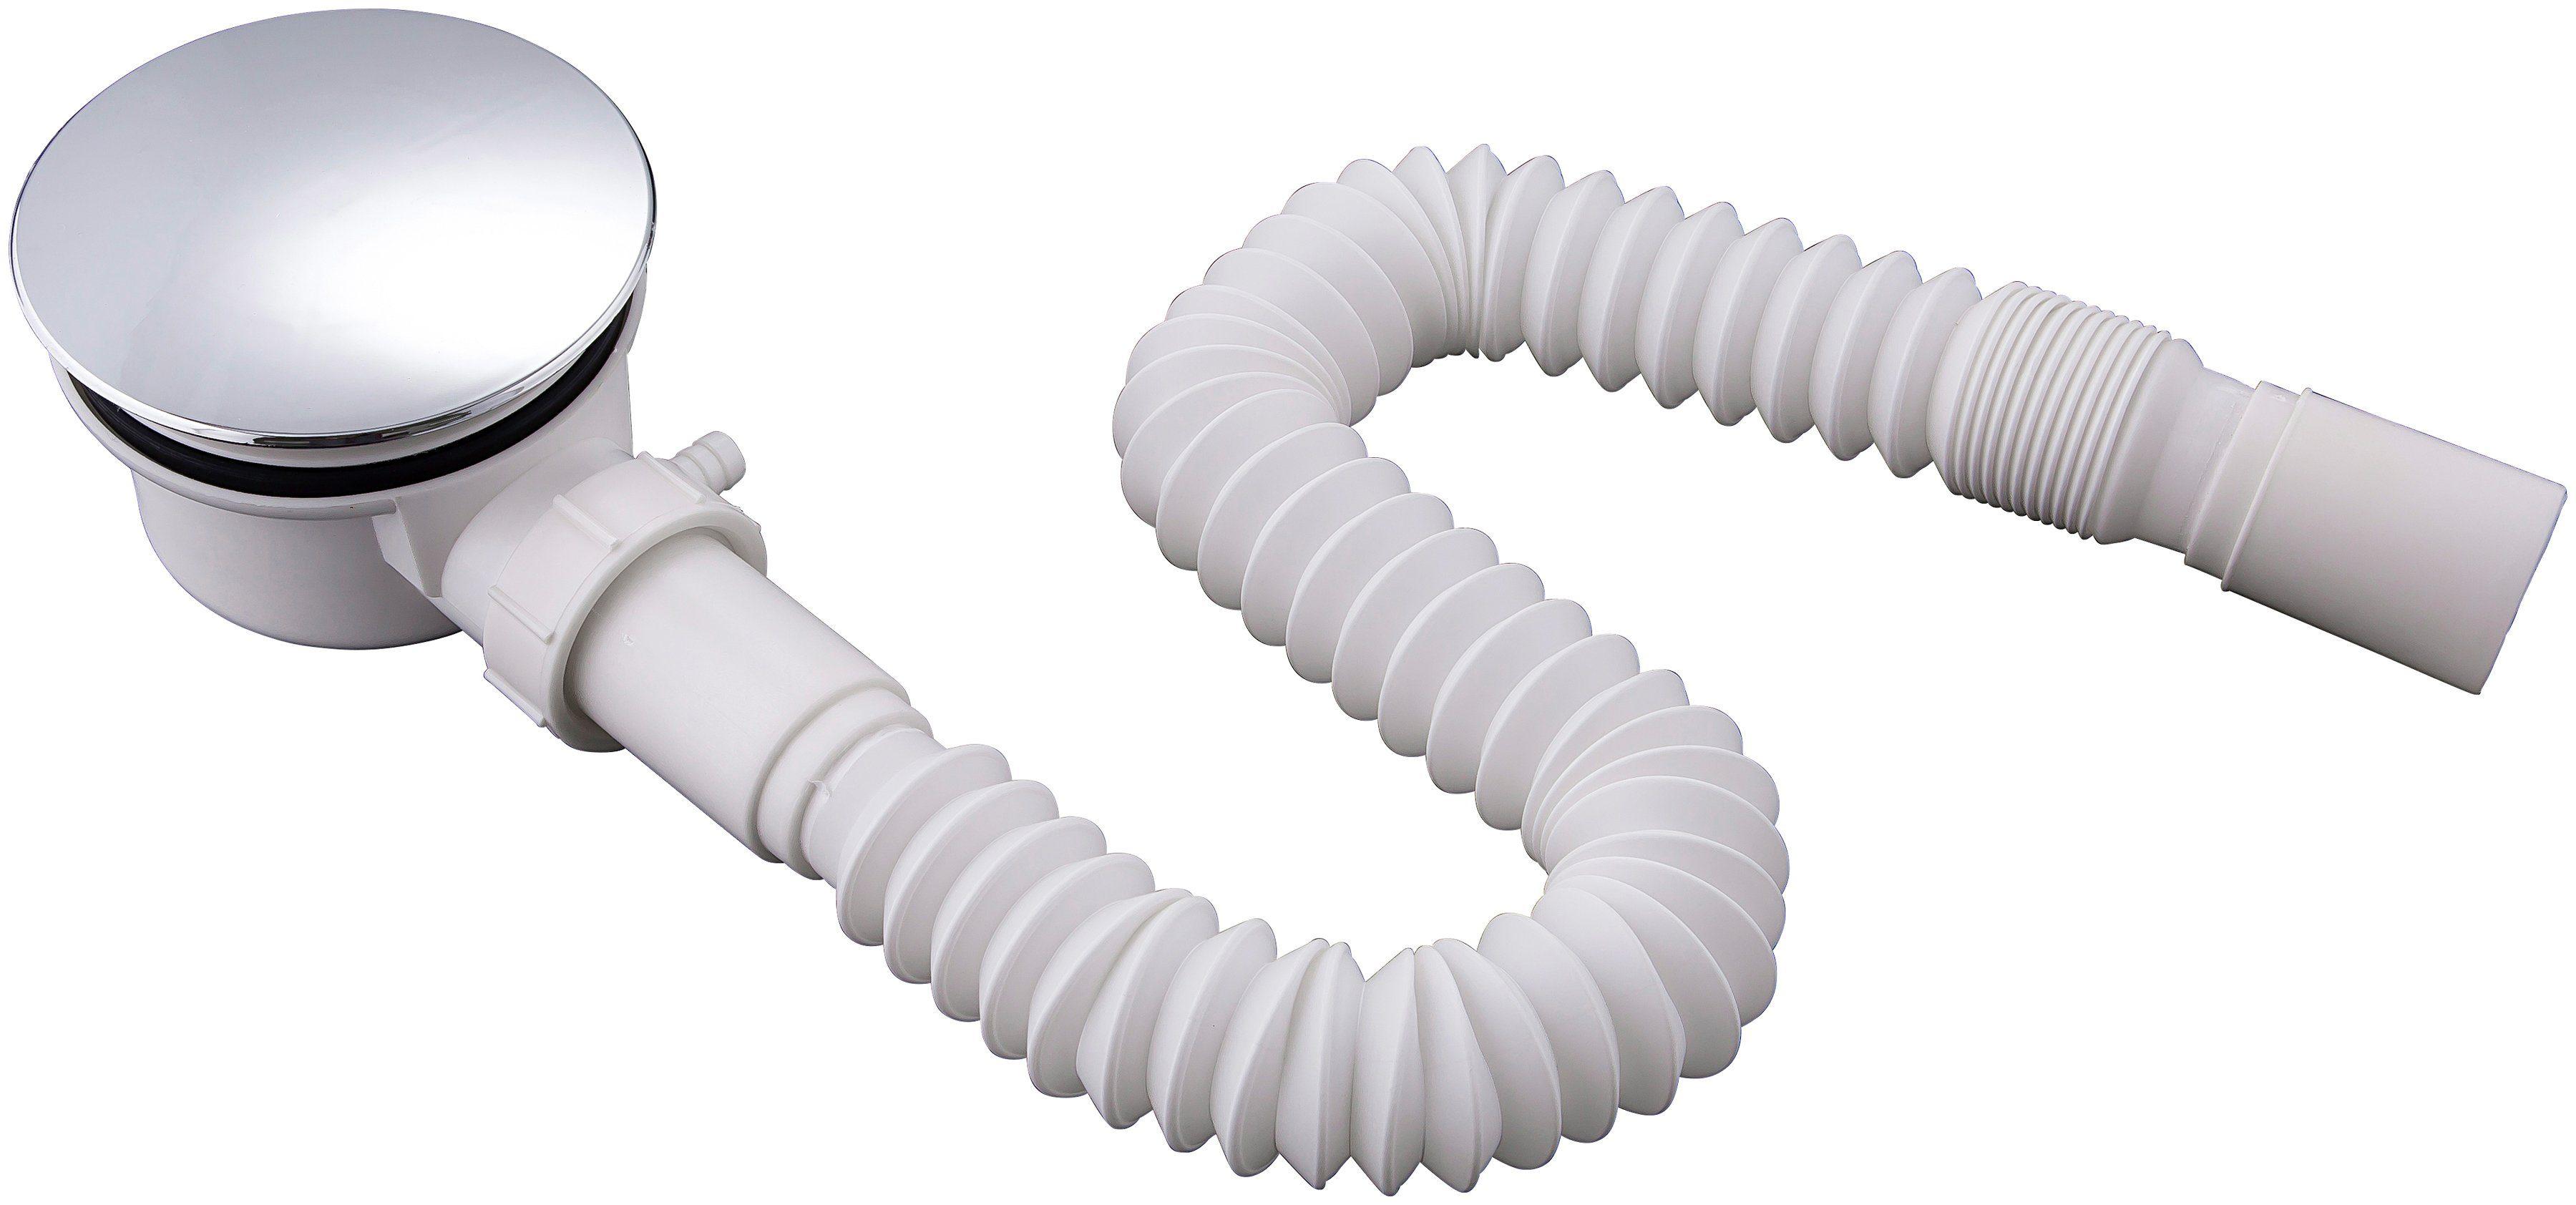 Duschablauf »Ablaufgarnitur für Duschtasse / Duschwanne«, 82,5 mm Durchmesser